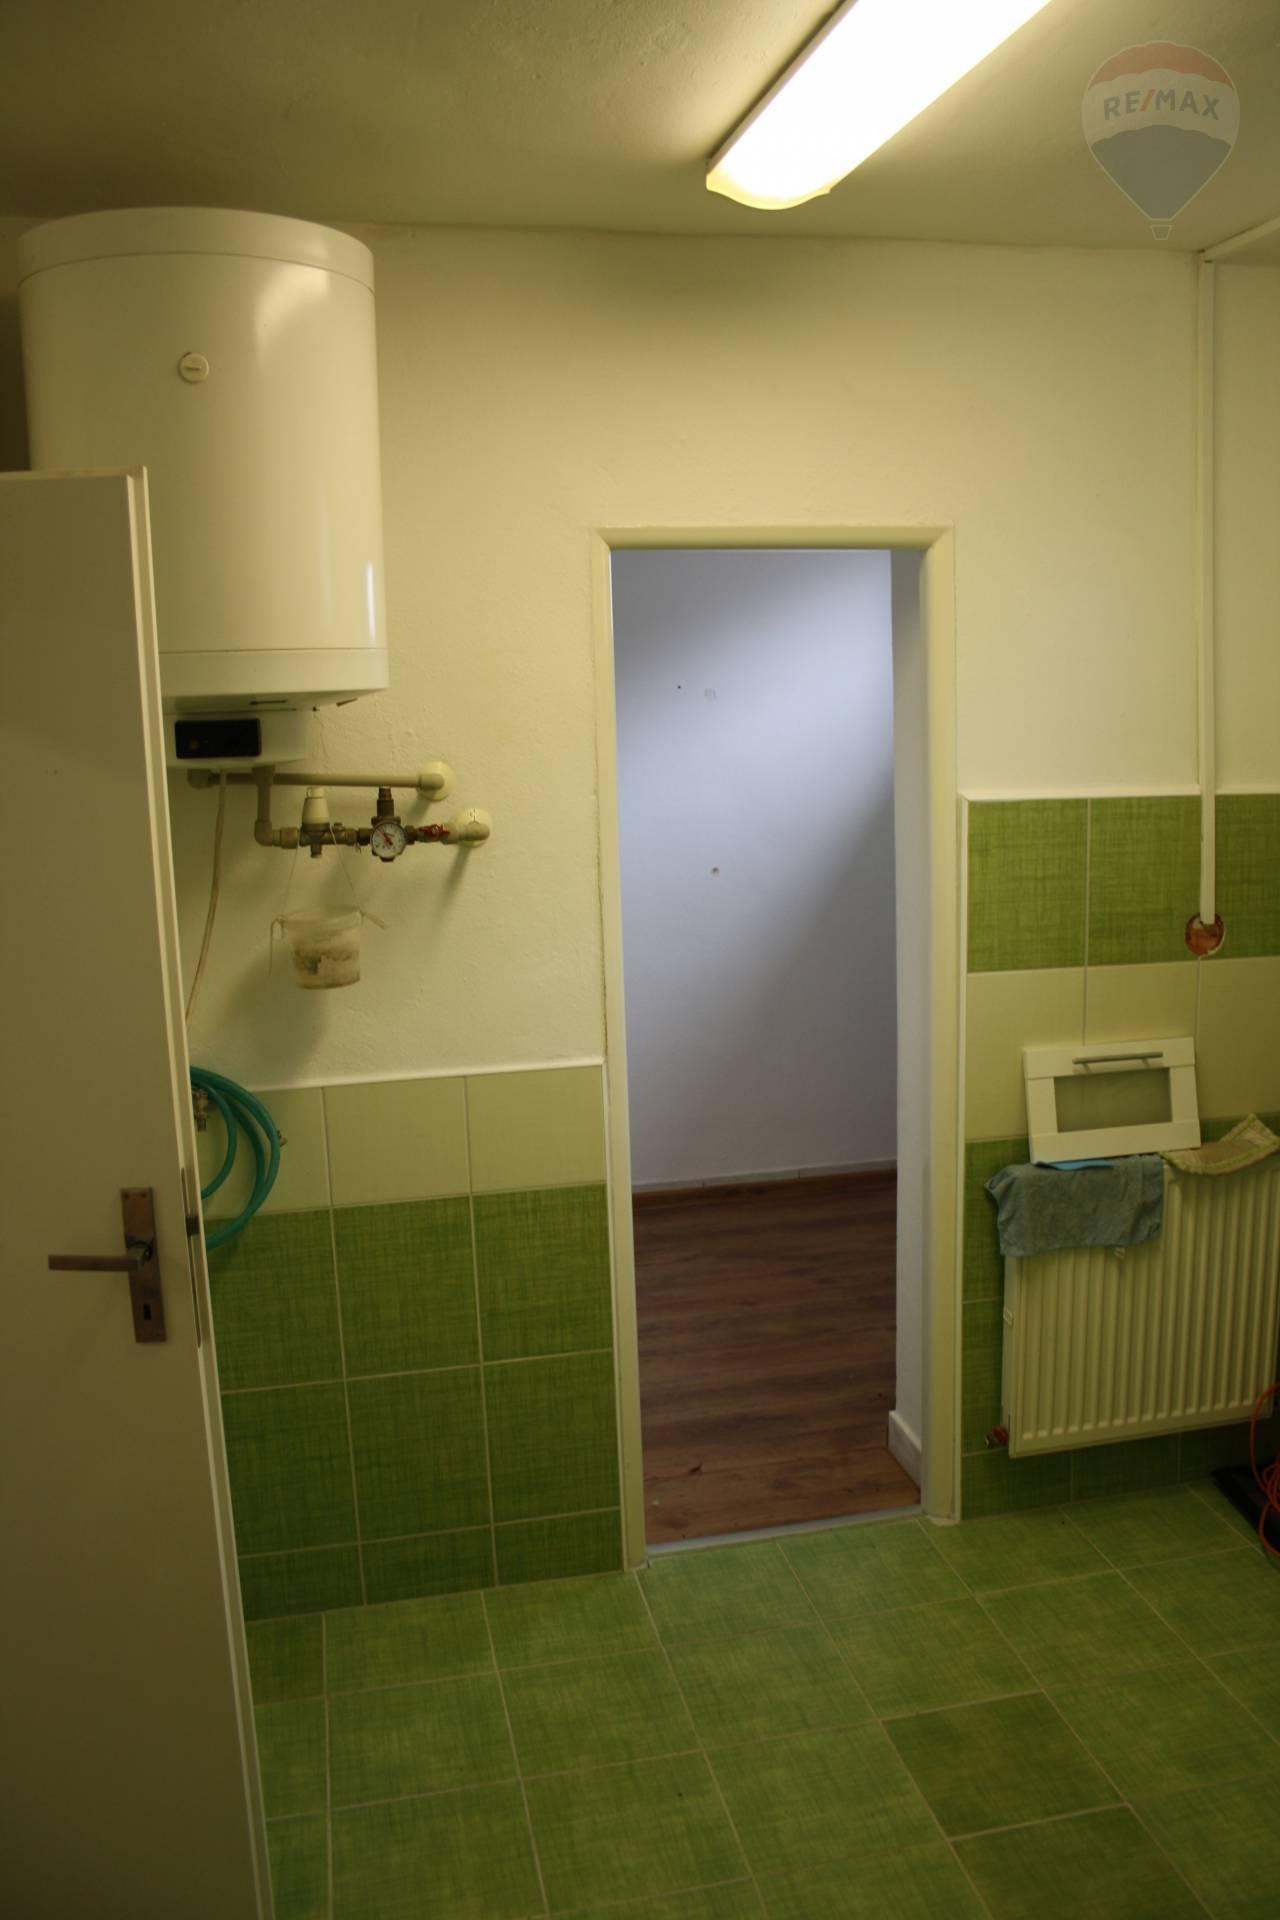 Predaj domu 258 m2, Nitra - Predaj budova s pozemkom Nitra